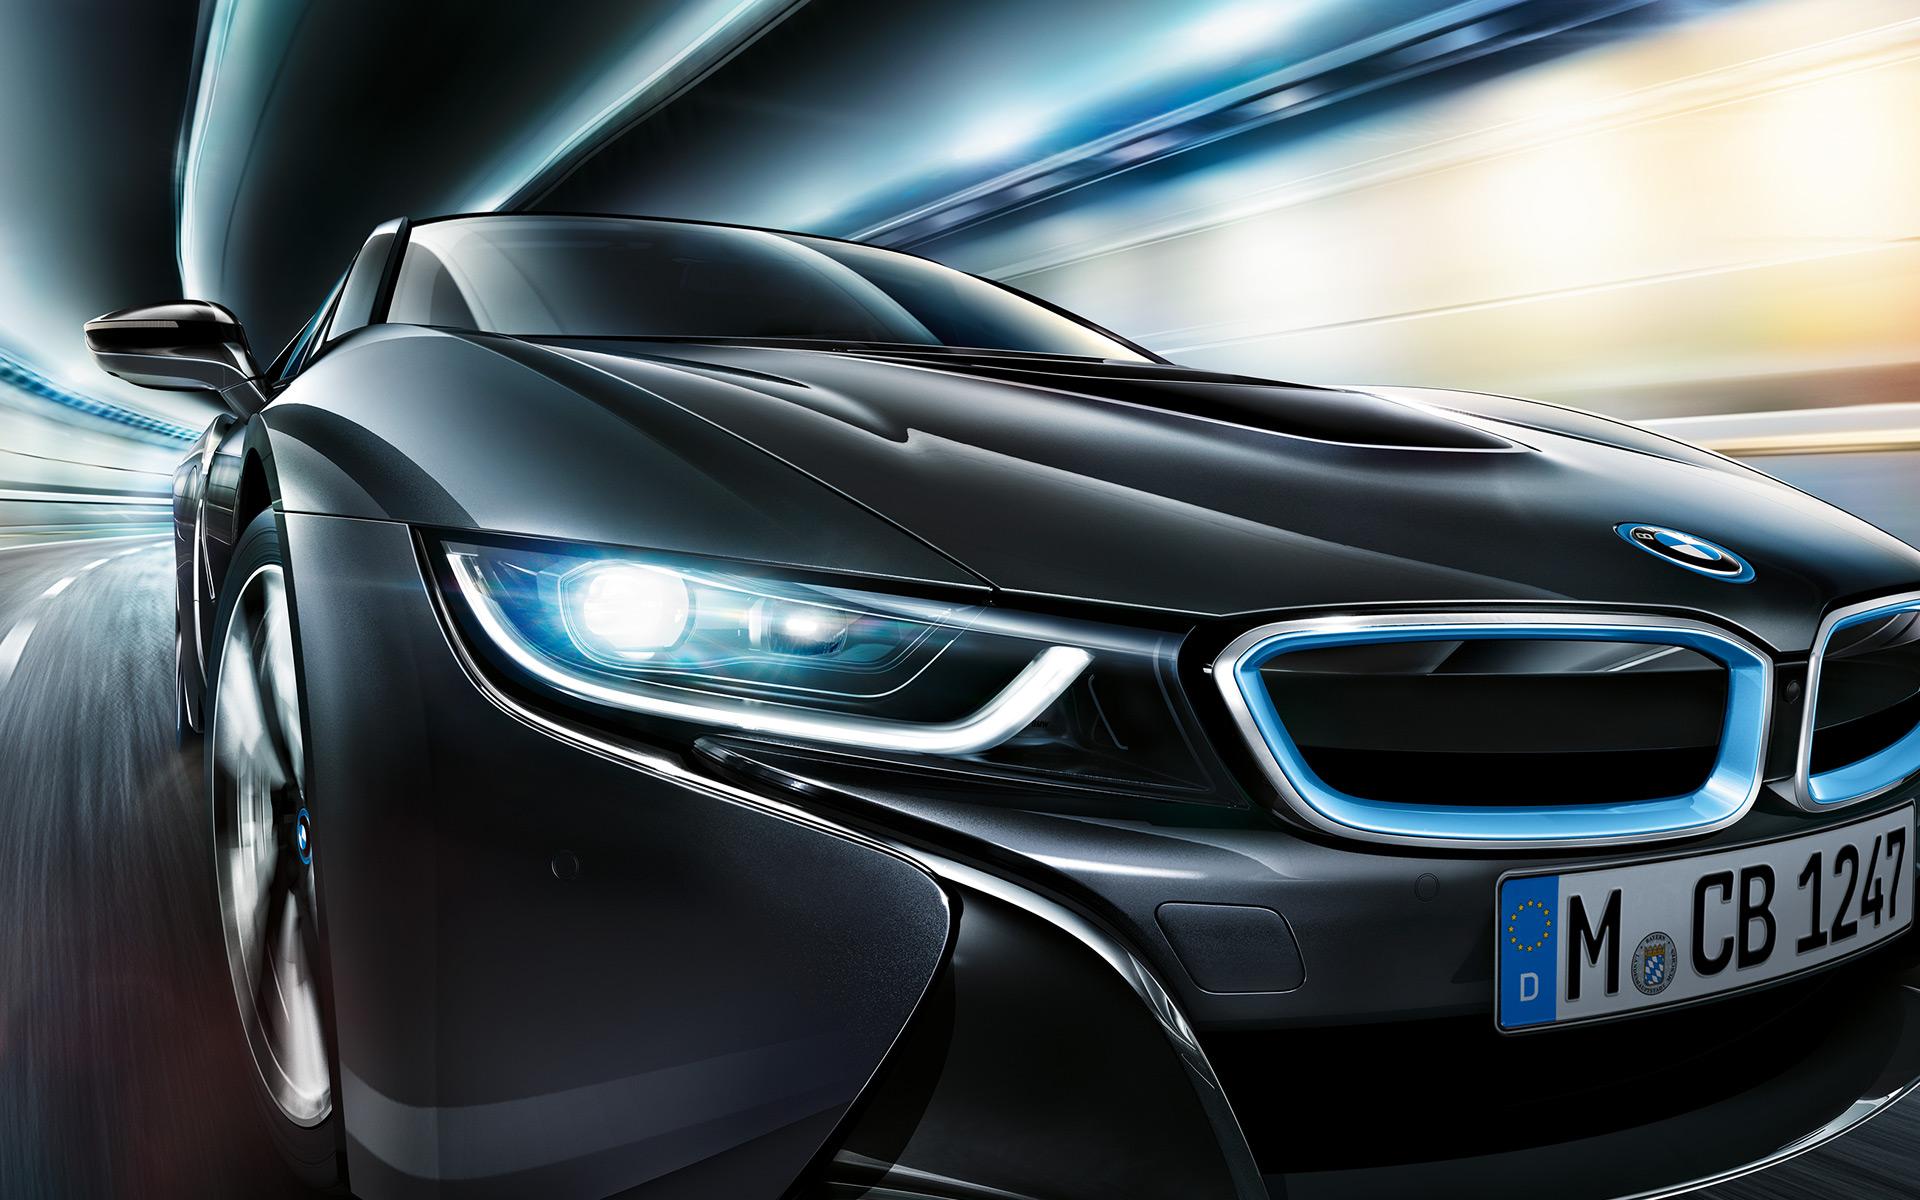 BMW I8 Images Videos